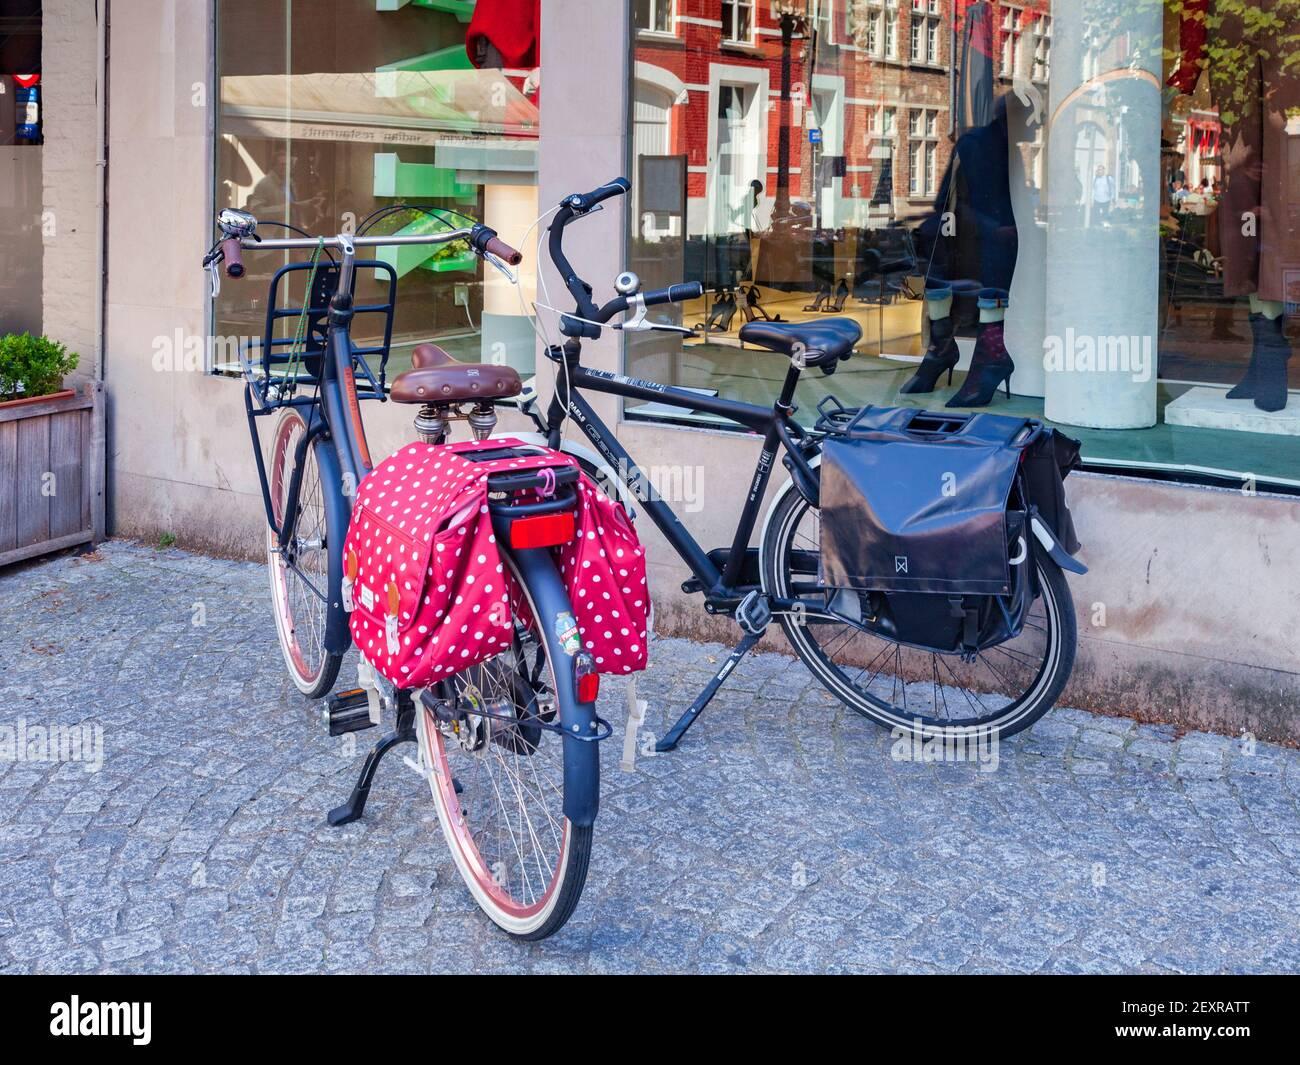 25 Septiembre 2018: Brujas, Bélgica - Bicicletas con panniers estacionados en la calle en el centro de la ciudad. Foto de stock